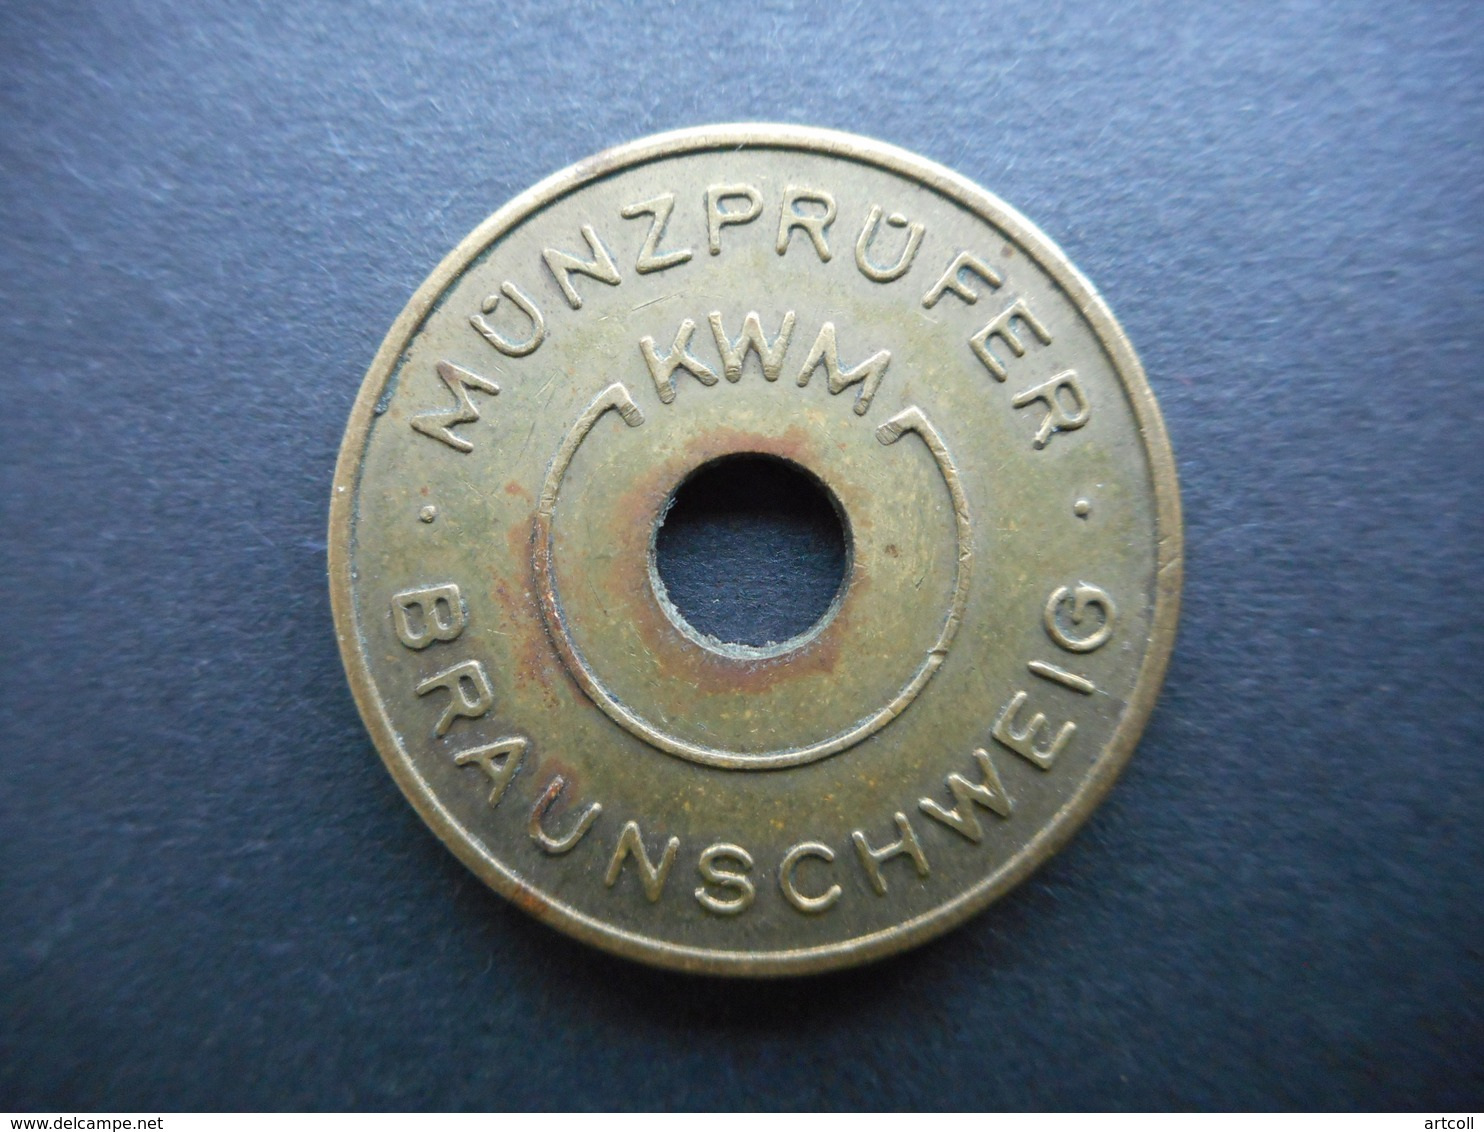 Germany. Token Karl W. Müller KG Münzprüfer - Allemagne